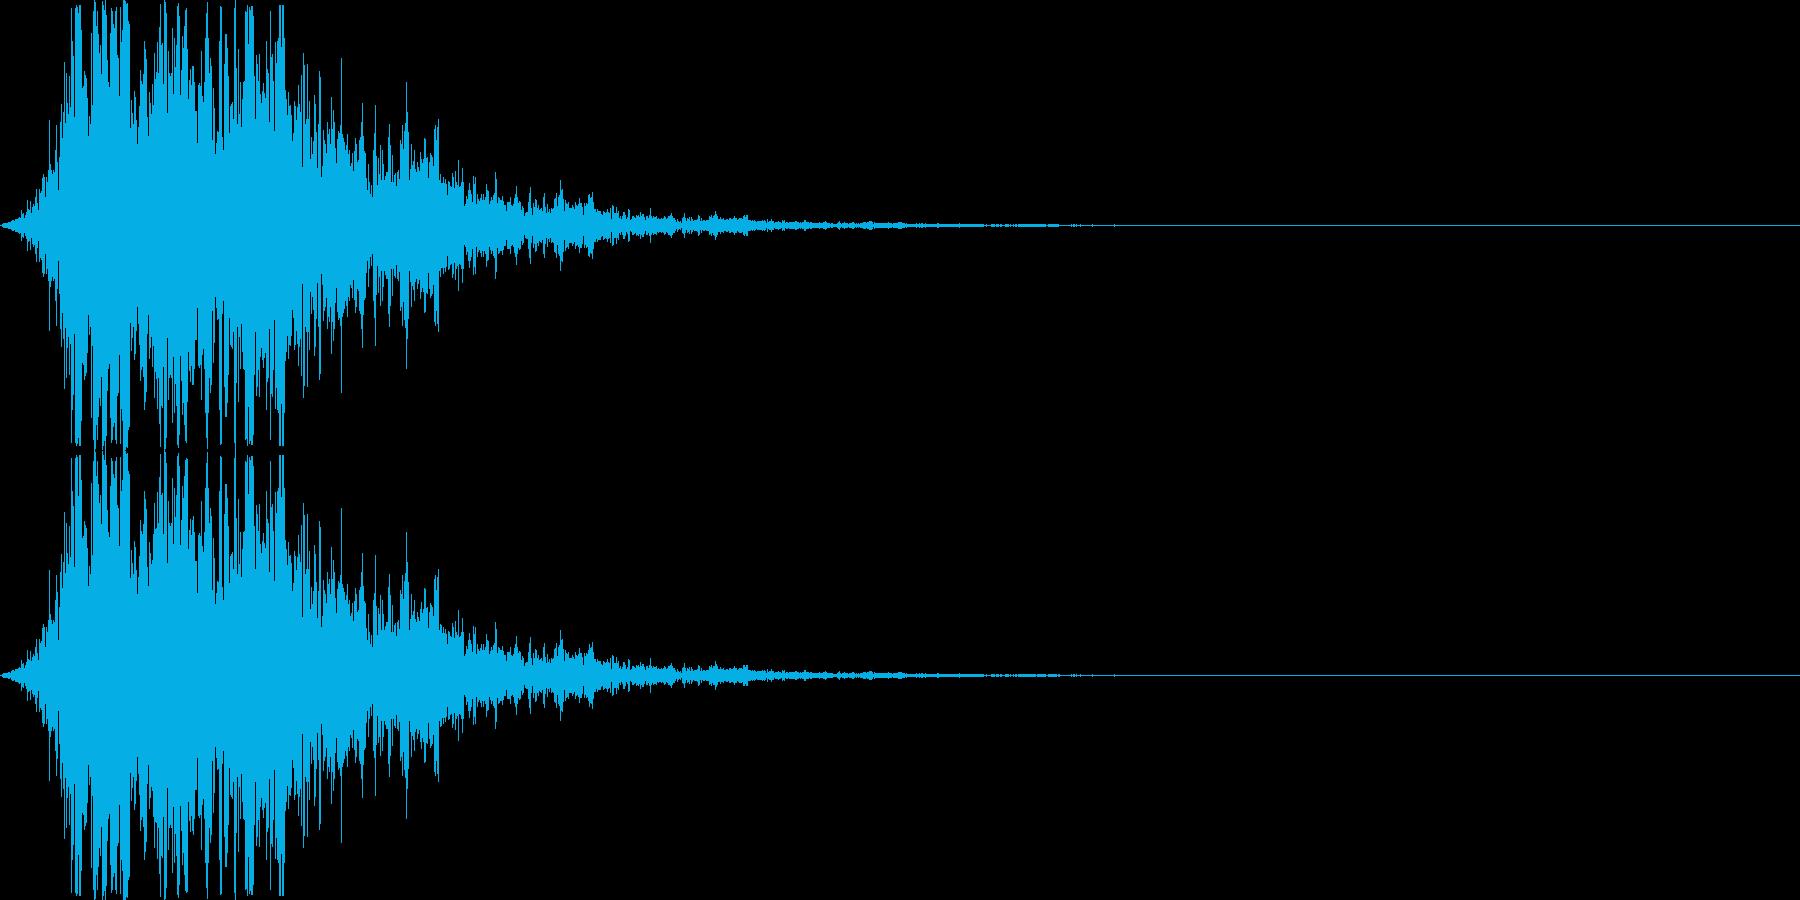 アニメにありそうなシュインシュイン(単音の再生済みの波形